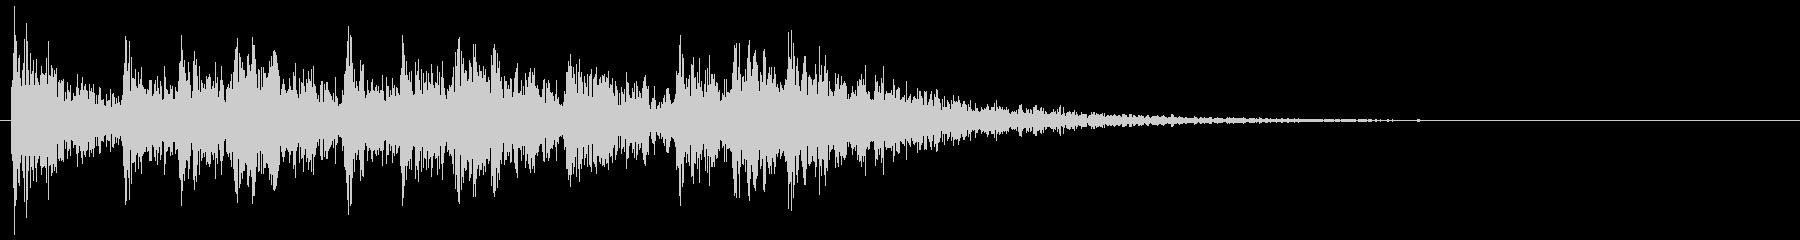 ティンパニとスネアのクリア 場面転換音の未再生の波形